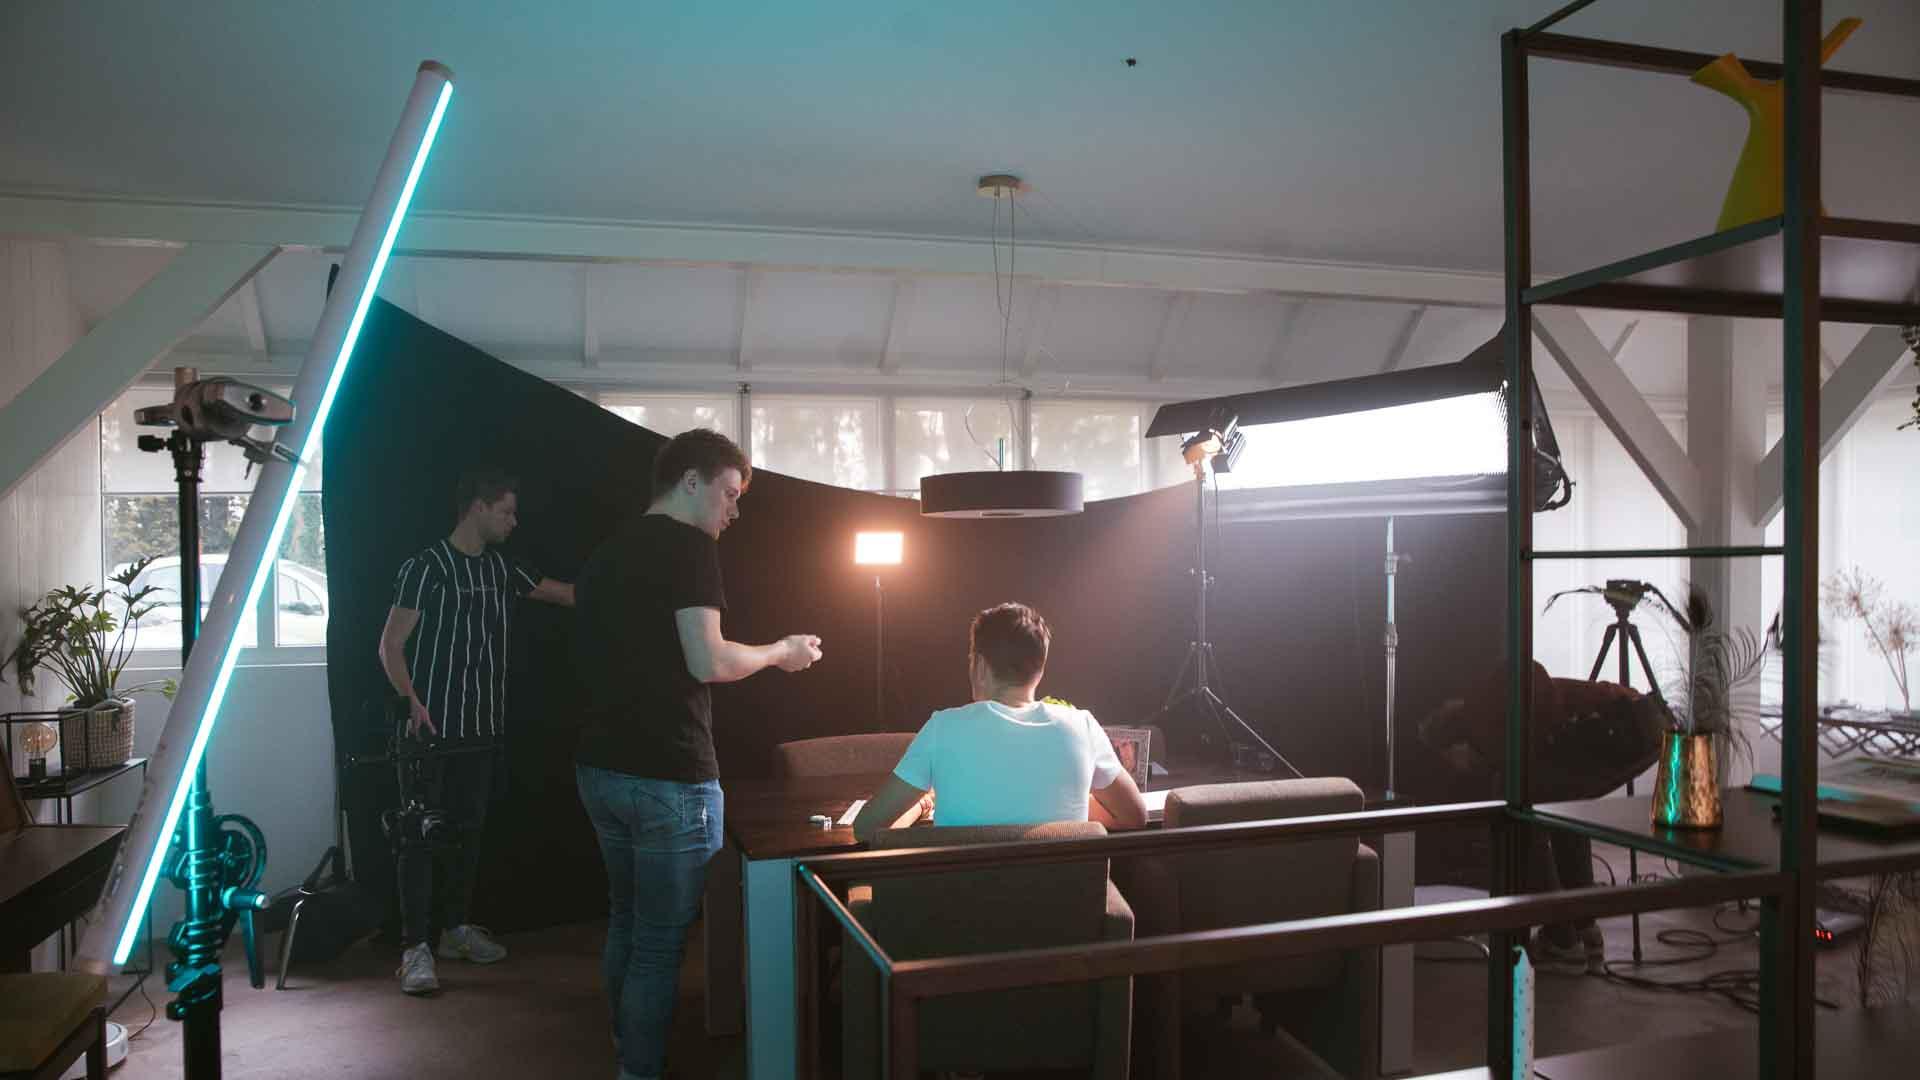 Jur Wiersema Multimedia videobedrijf fotografie bedrijf videoshoot Groningen